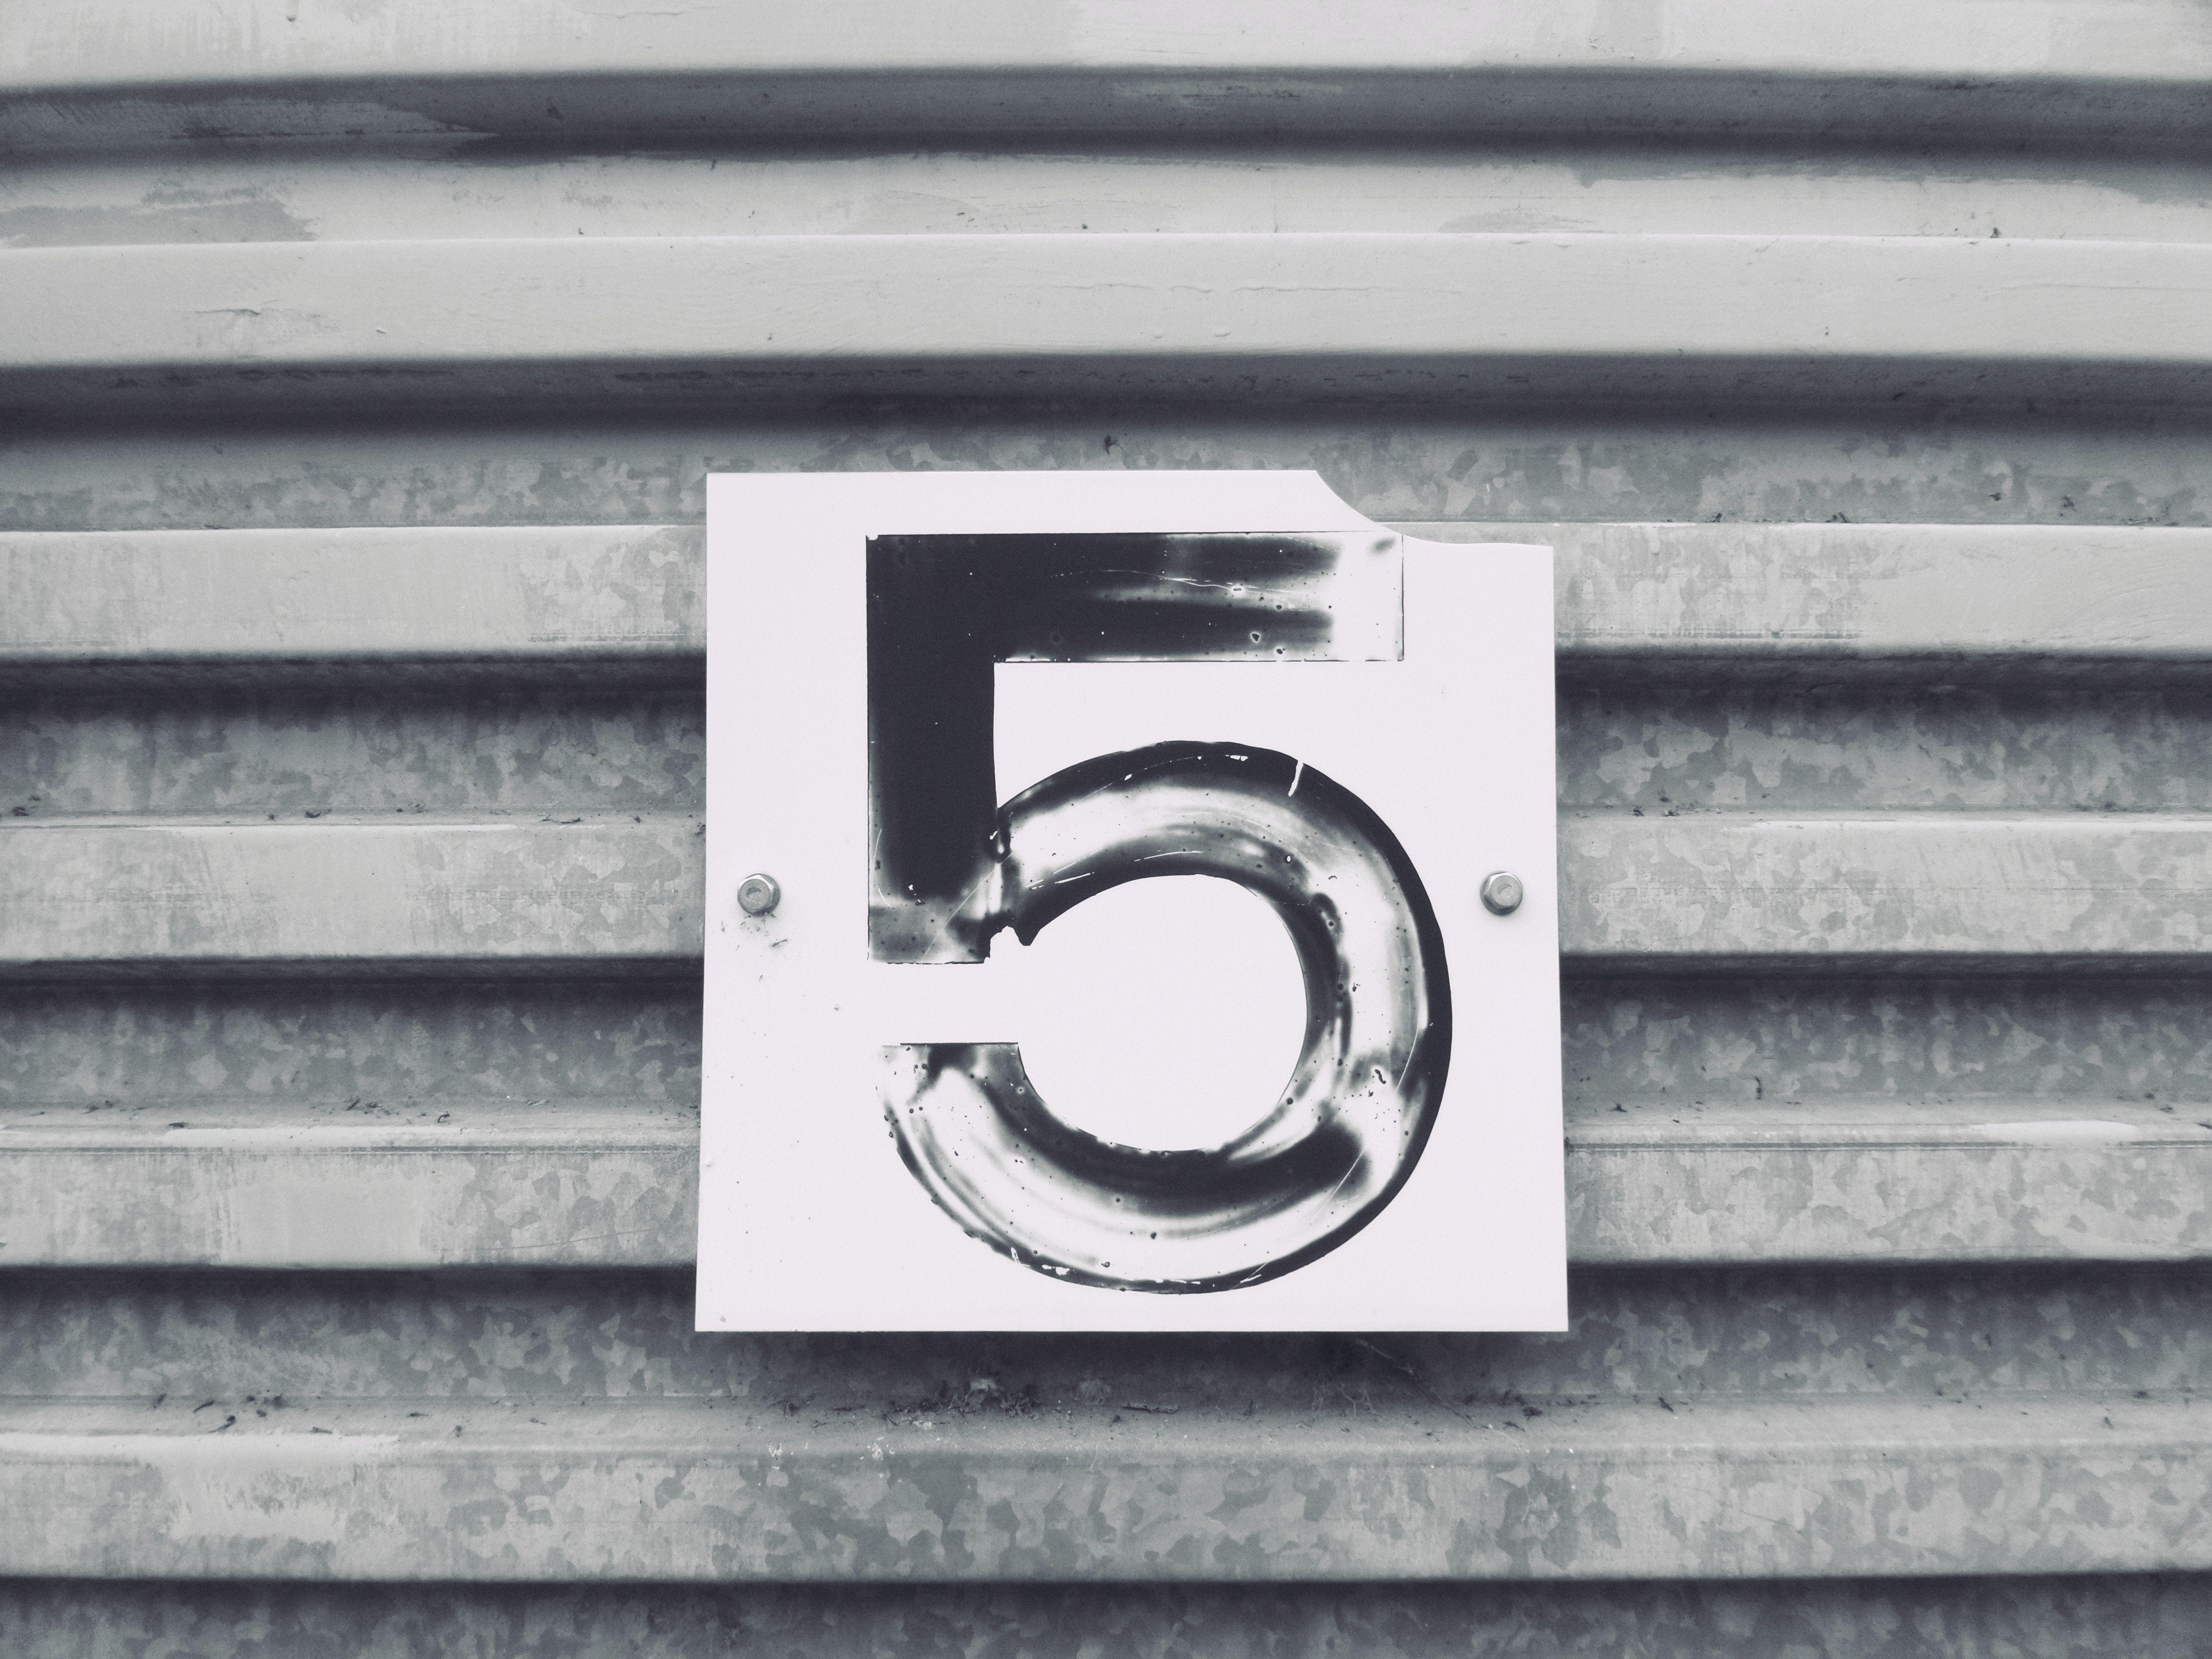 5 bonnes raisons d'utiliser un ATS